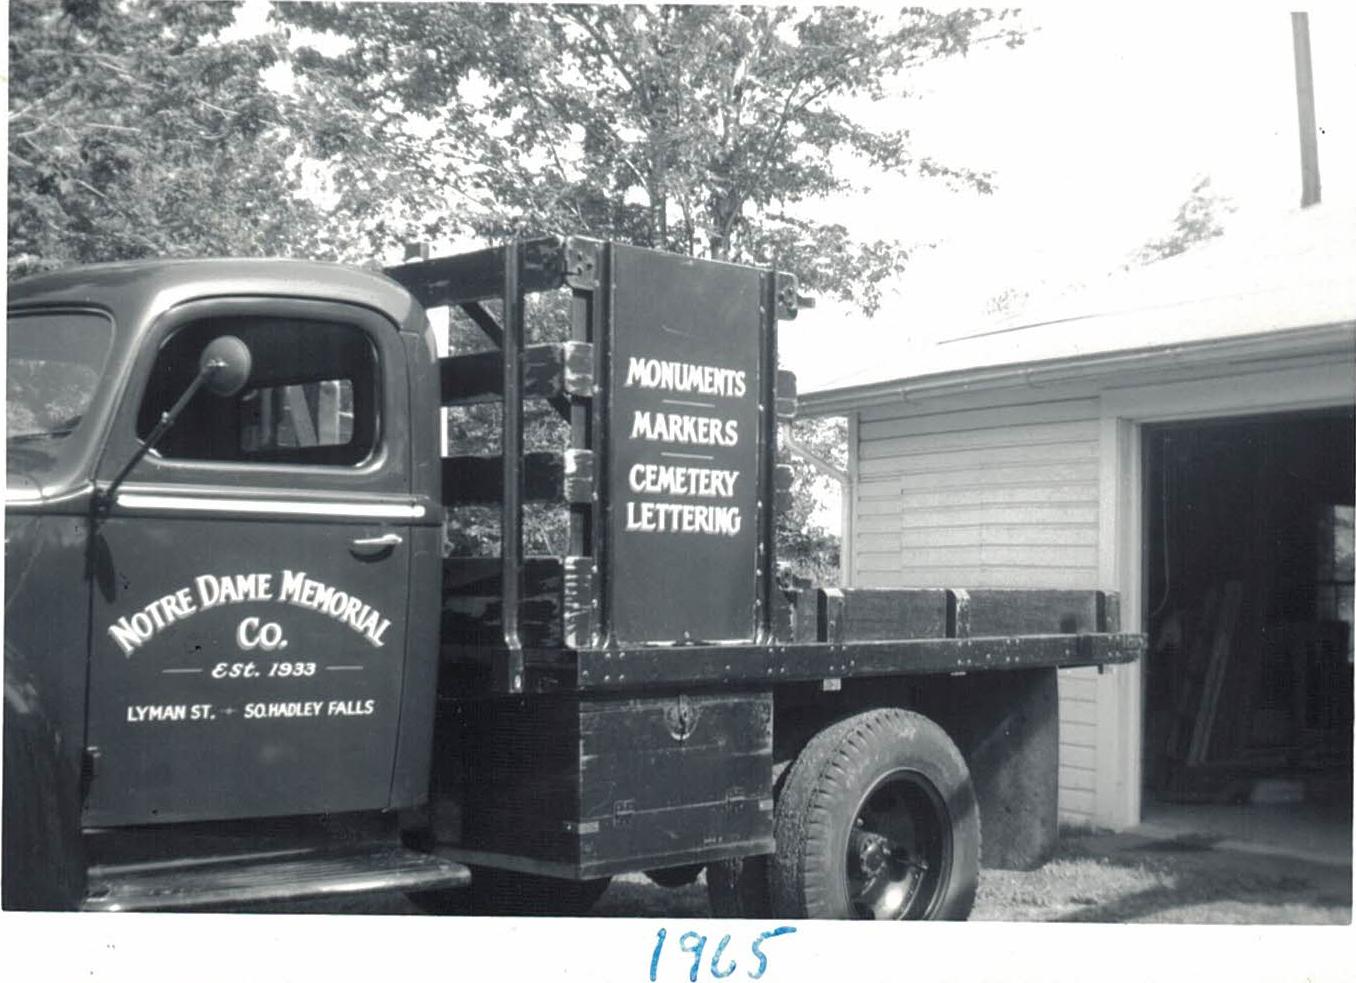 NDM truck 1965.jpg